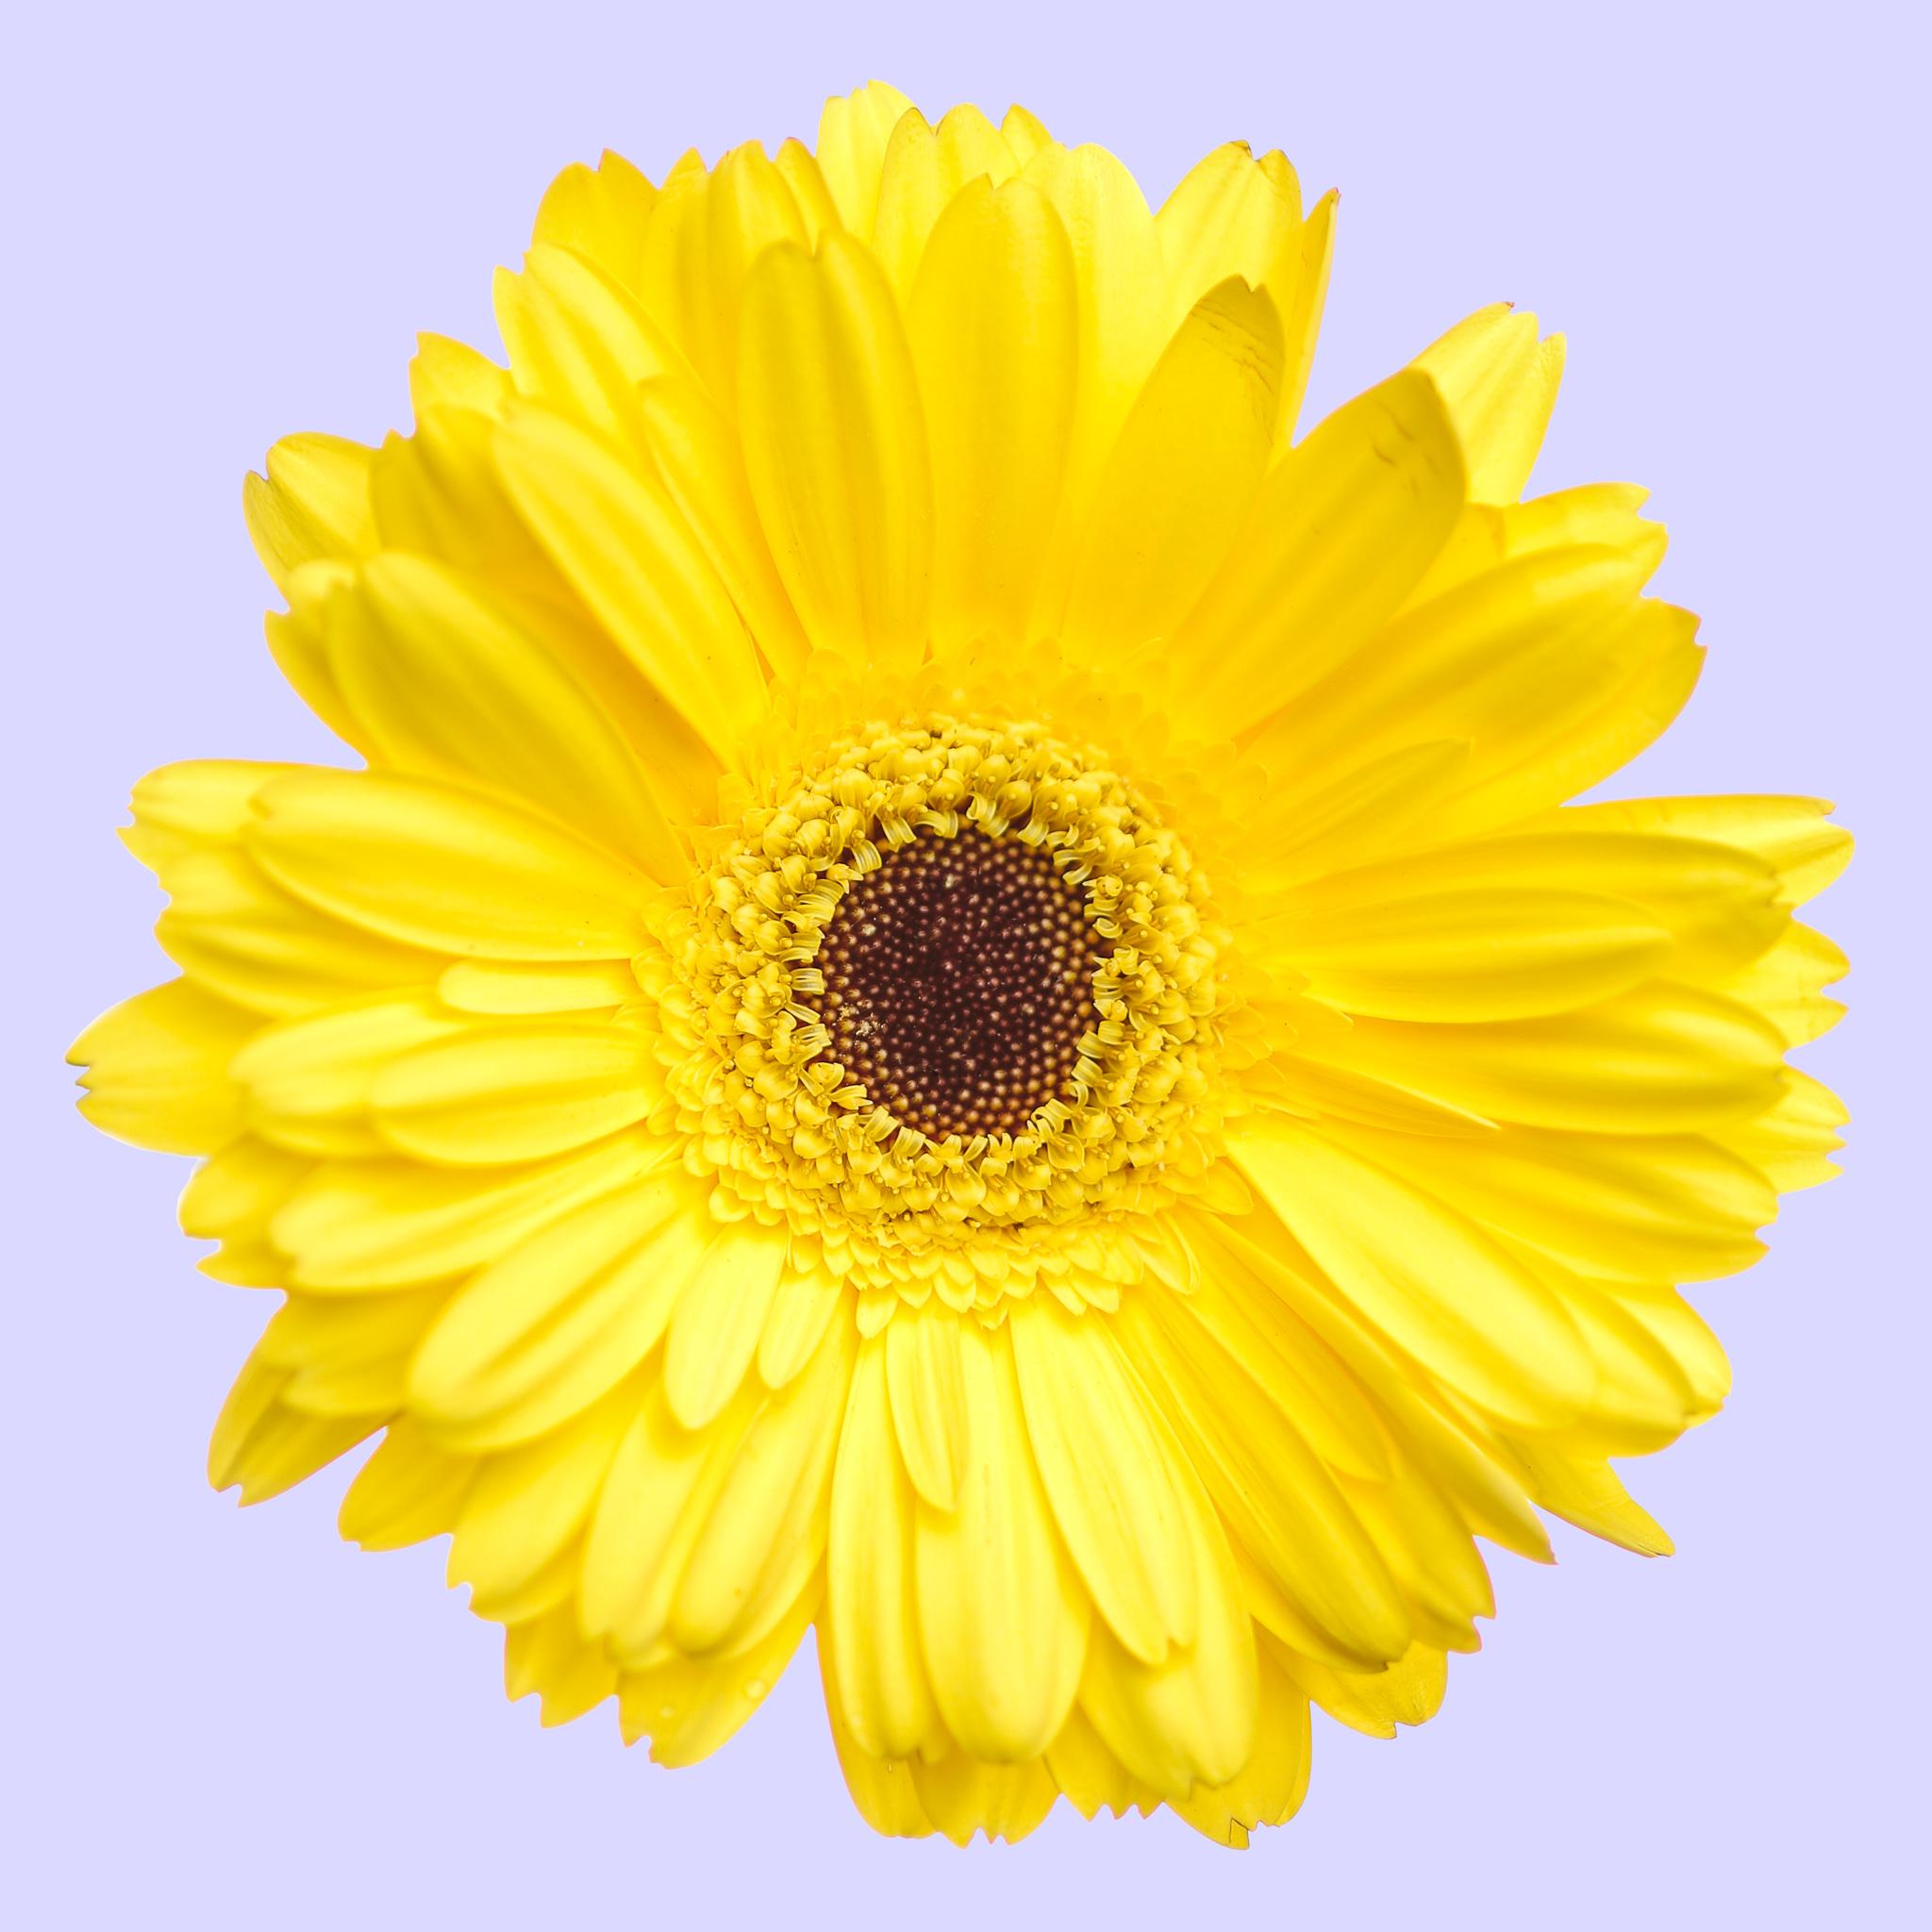 Flowers-102-Edit.jpg